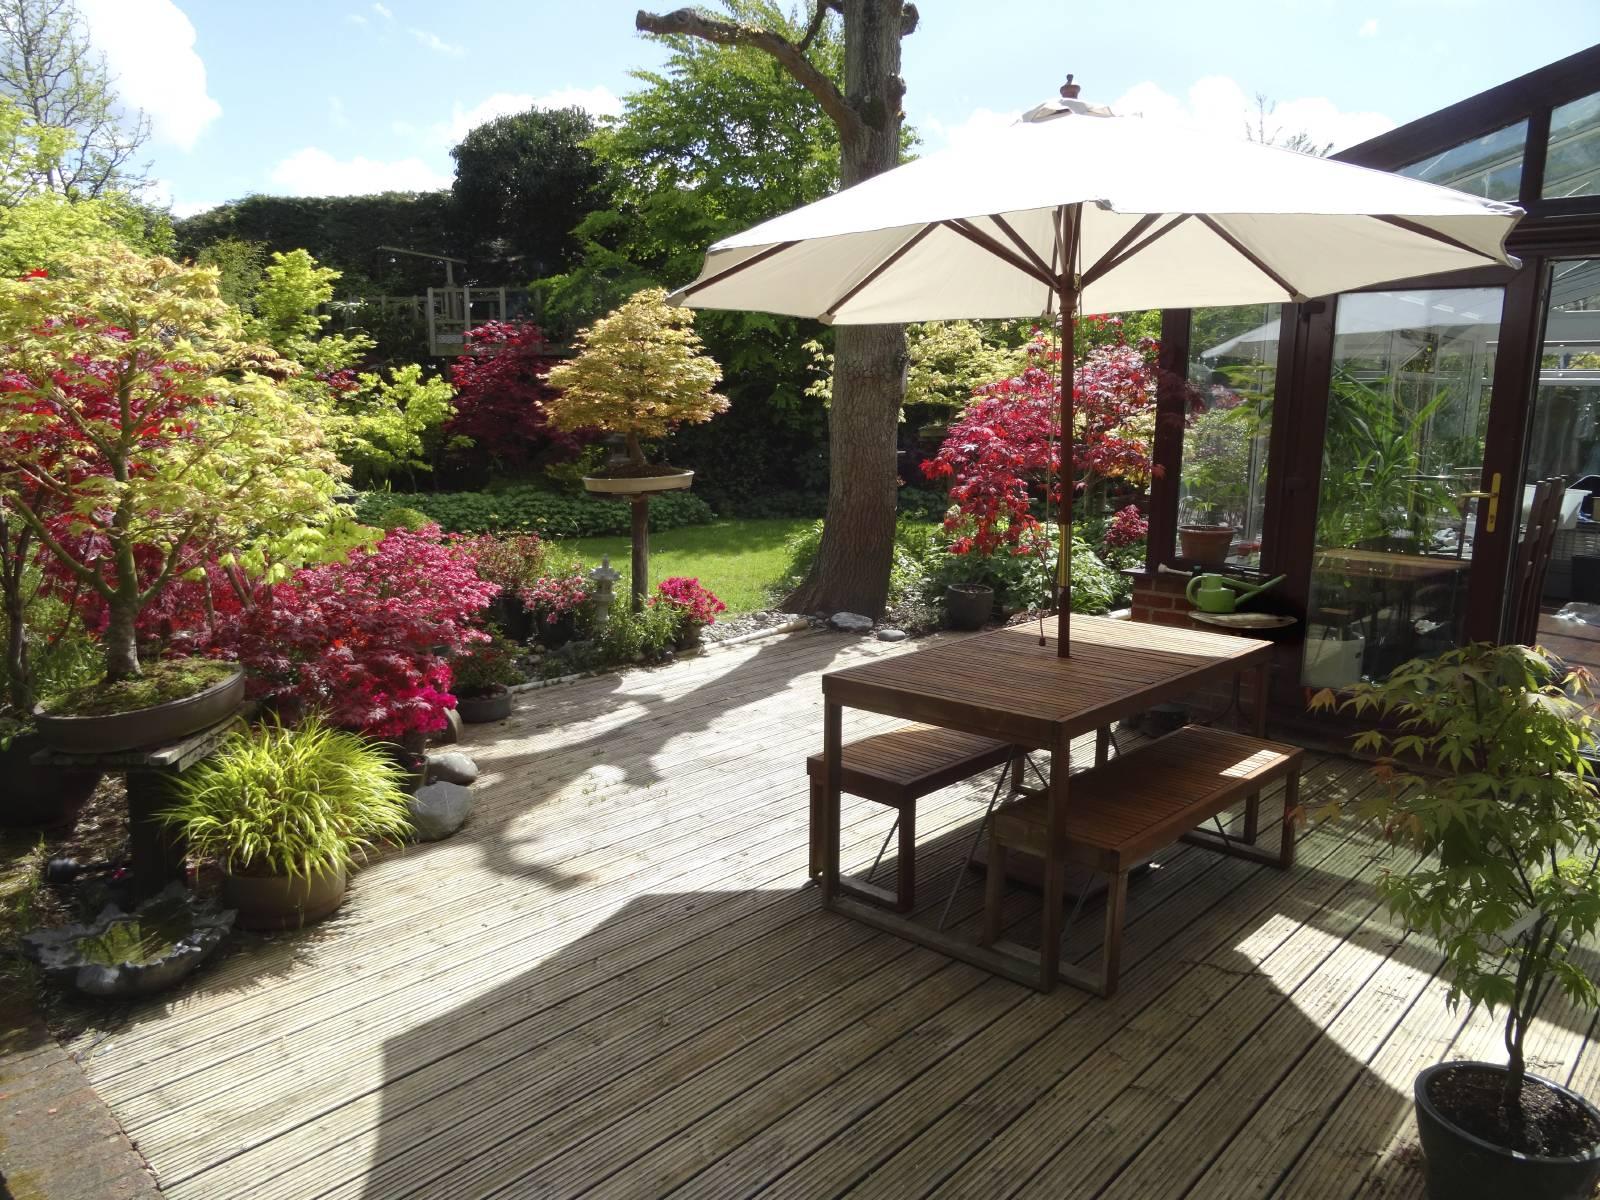 parasol ou voile d 39 ombrage lequel choisir pour votre terrasse. Black Bedroom Furniture Sets. Home Design Ideas